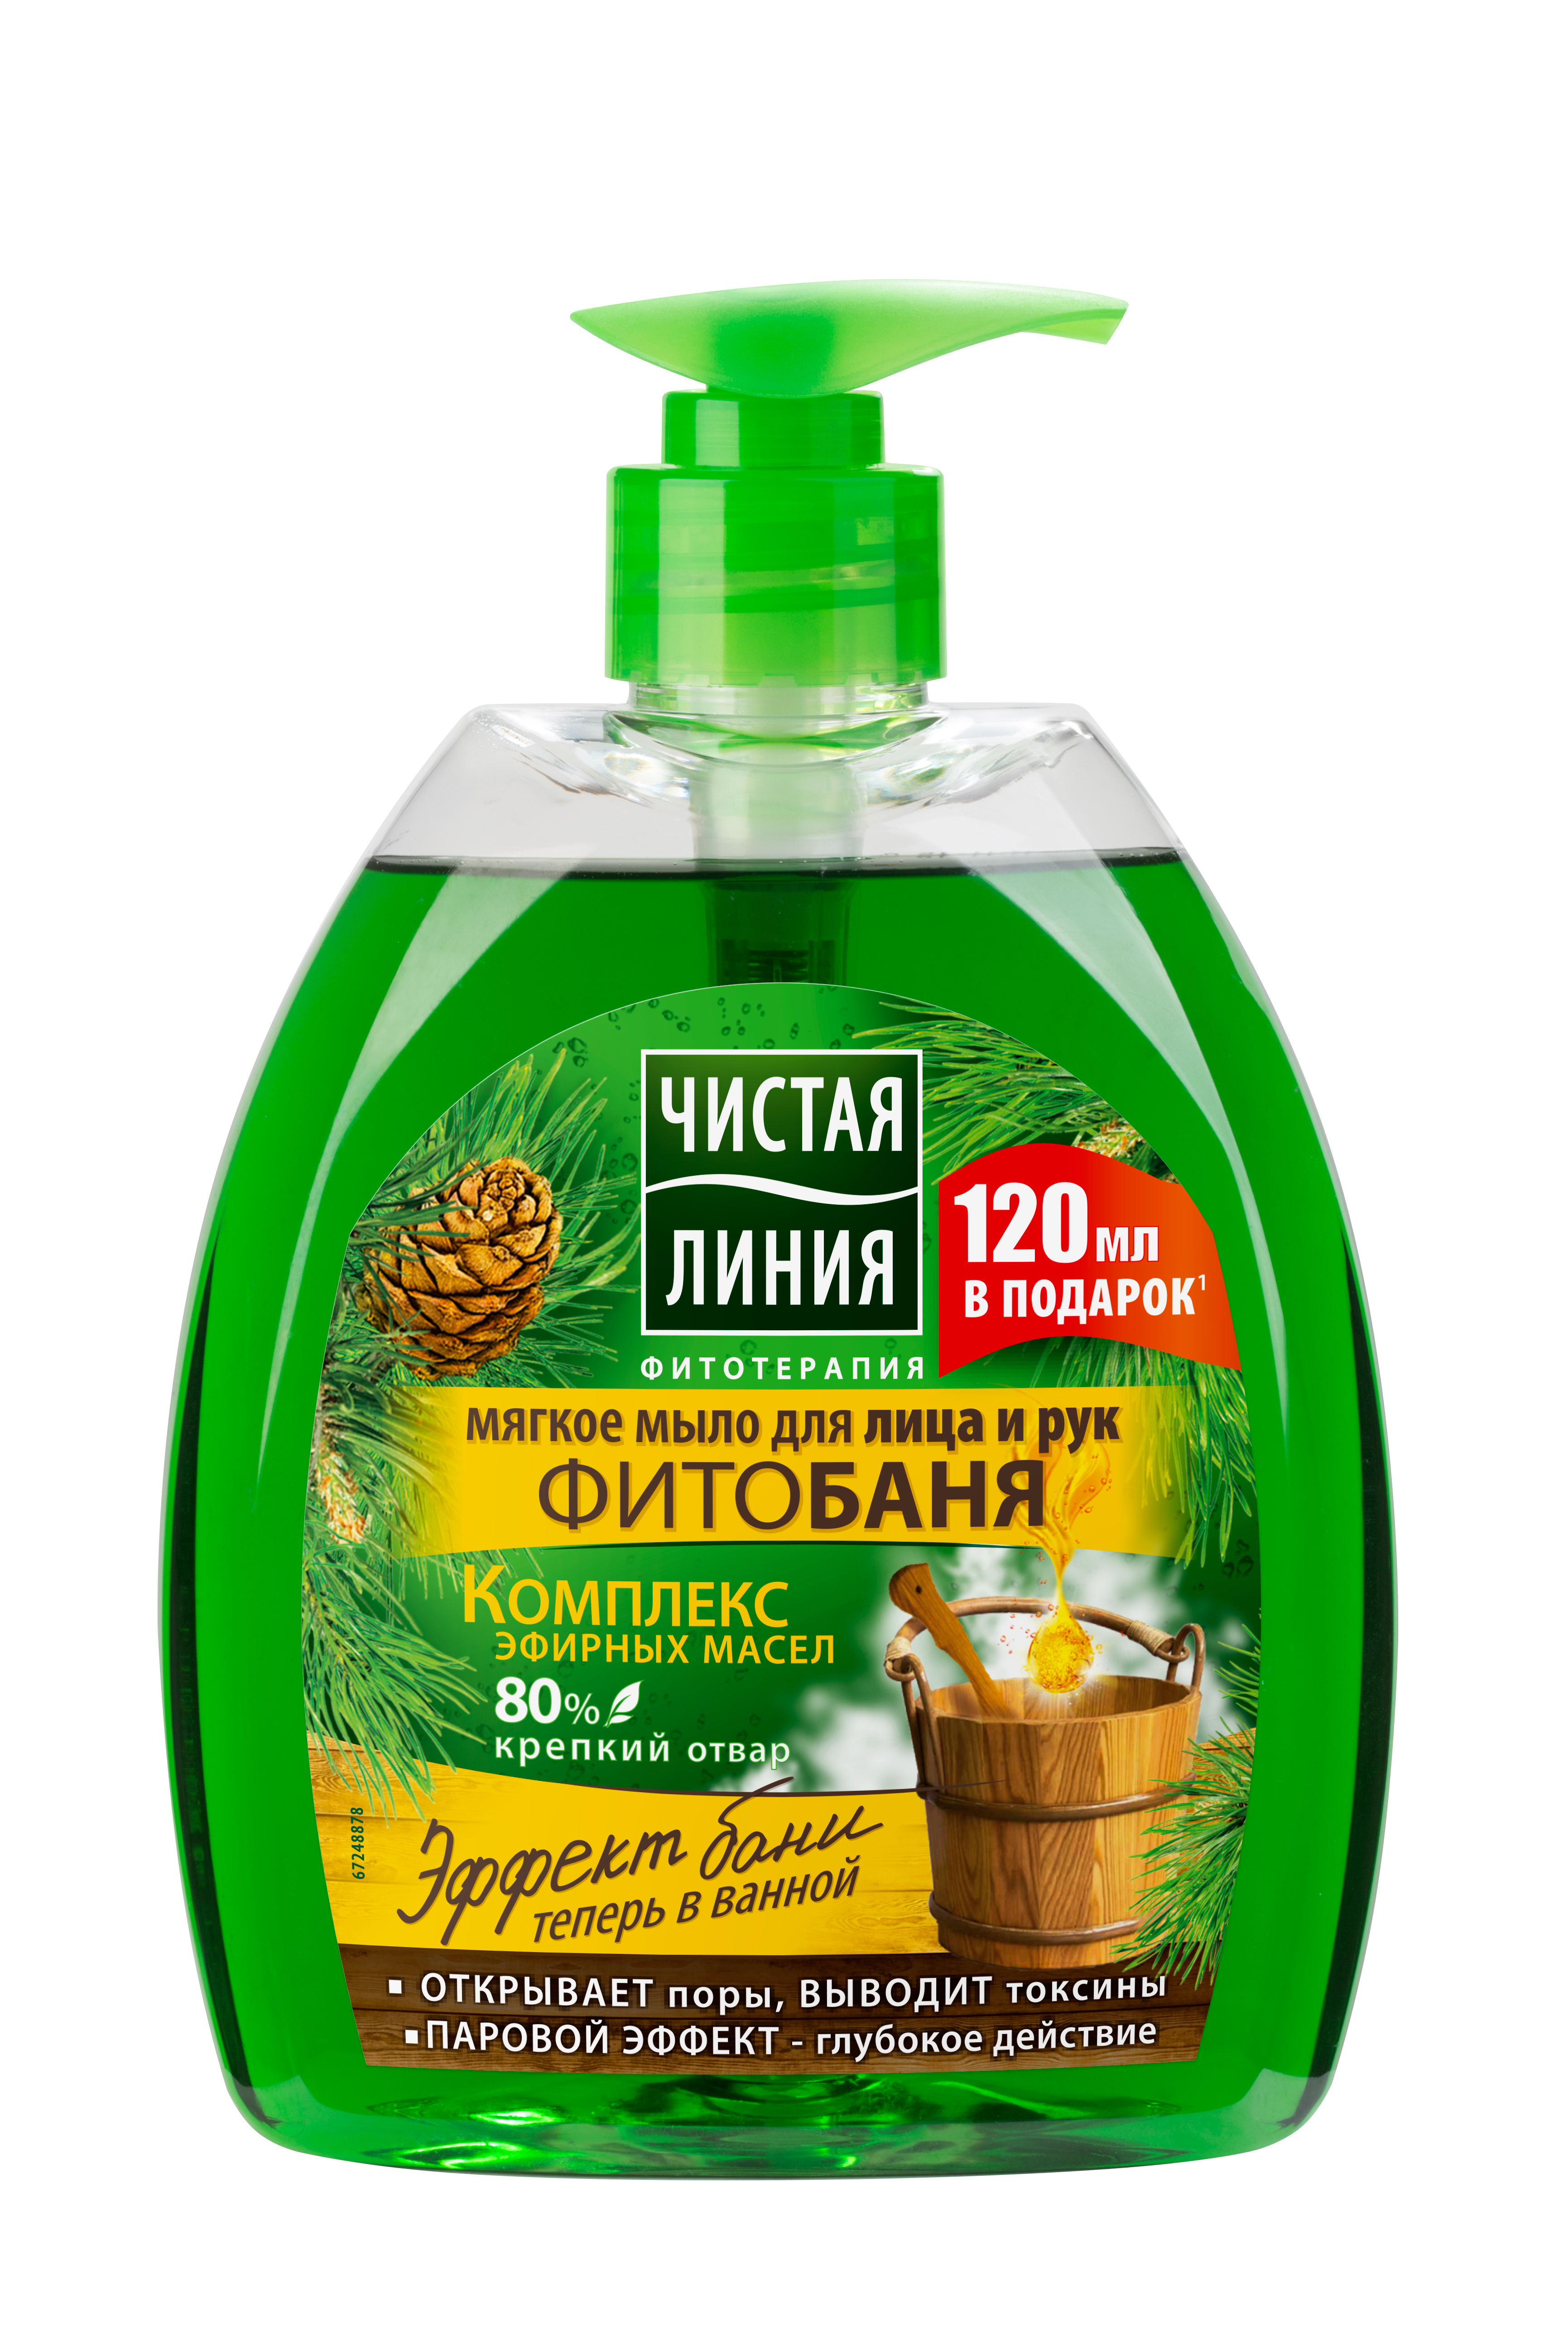 Жидкое мыло Чистая Линия ФИТОБАНЯ 520 мл